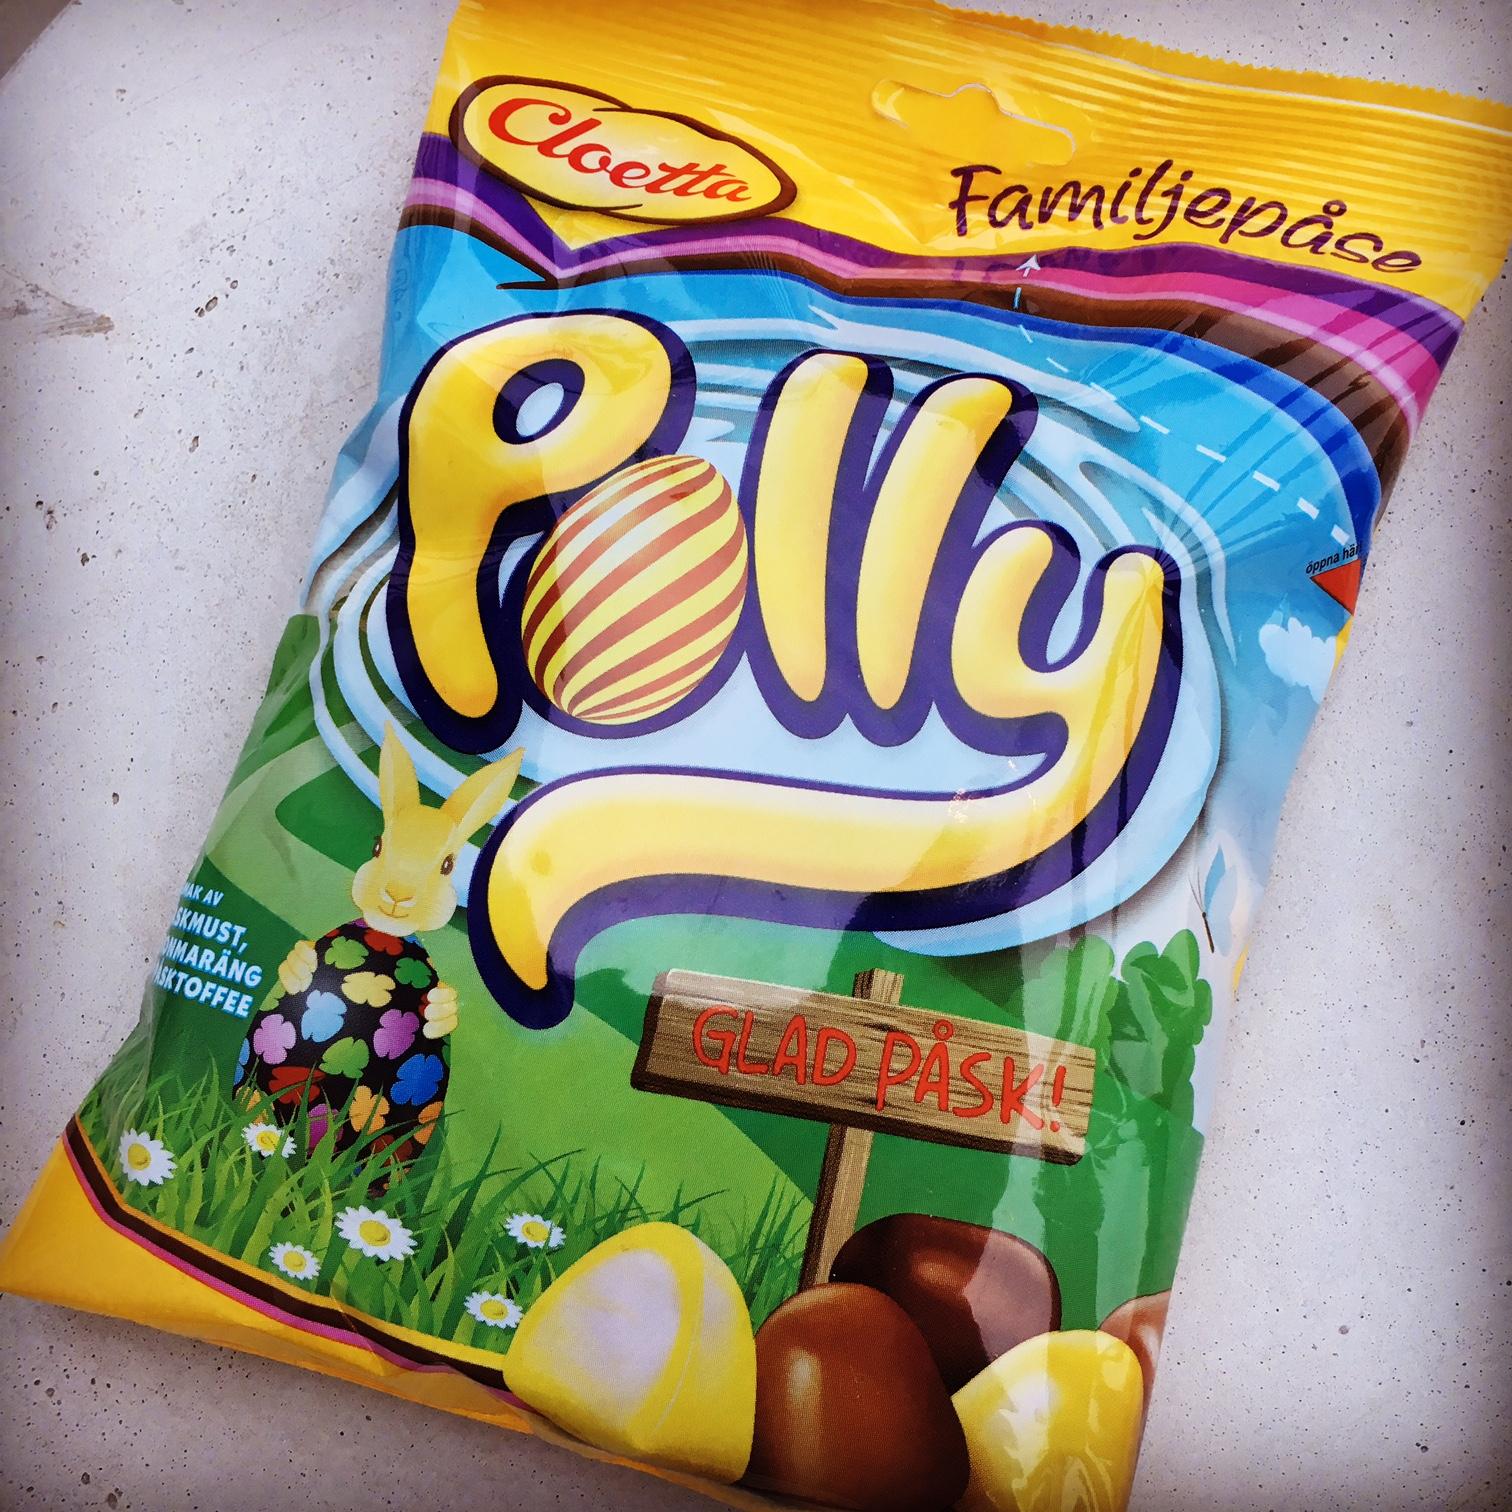 Polly Glad Påsk